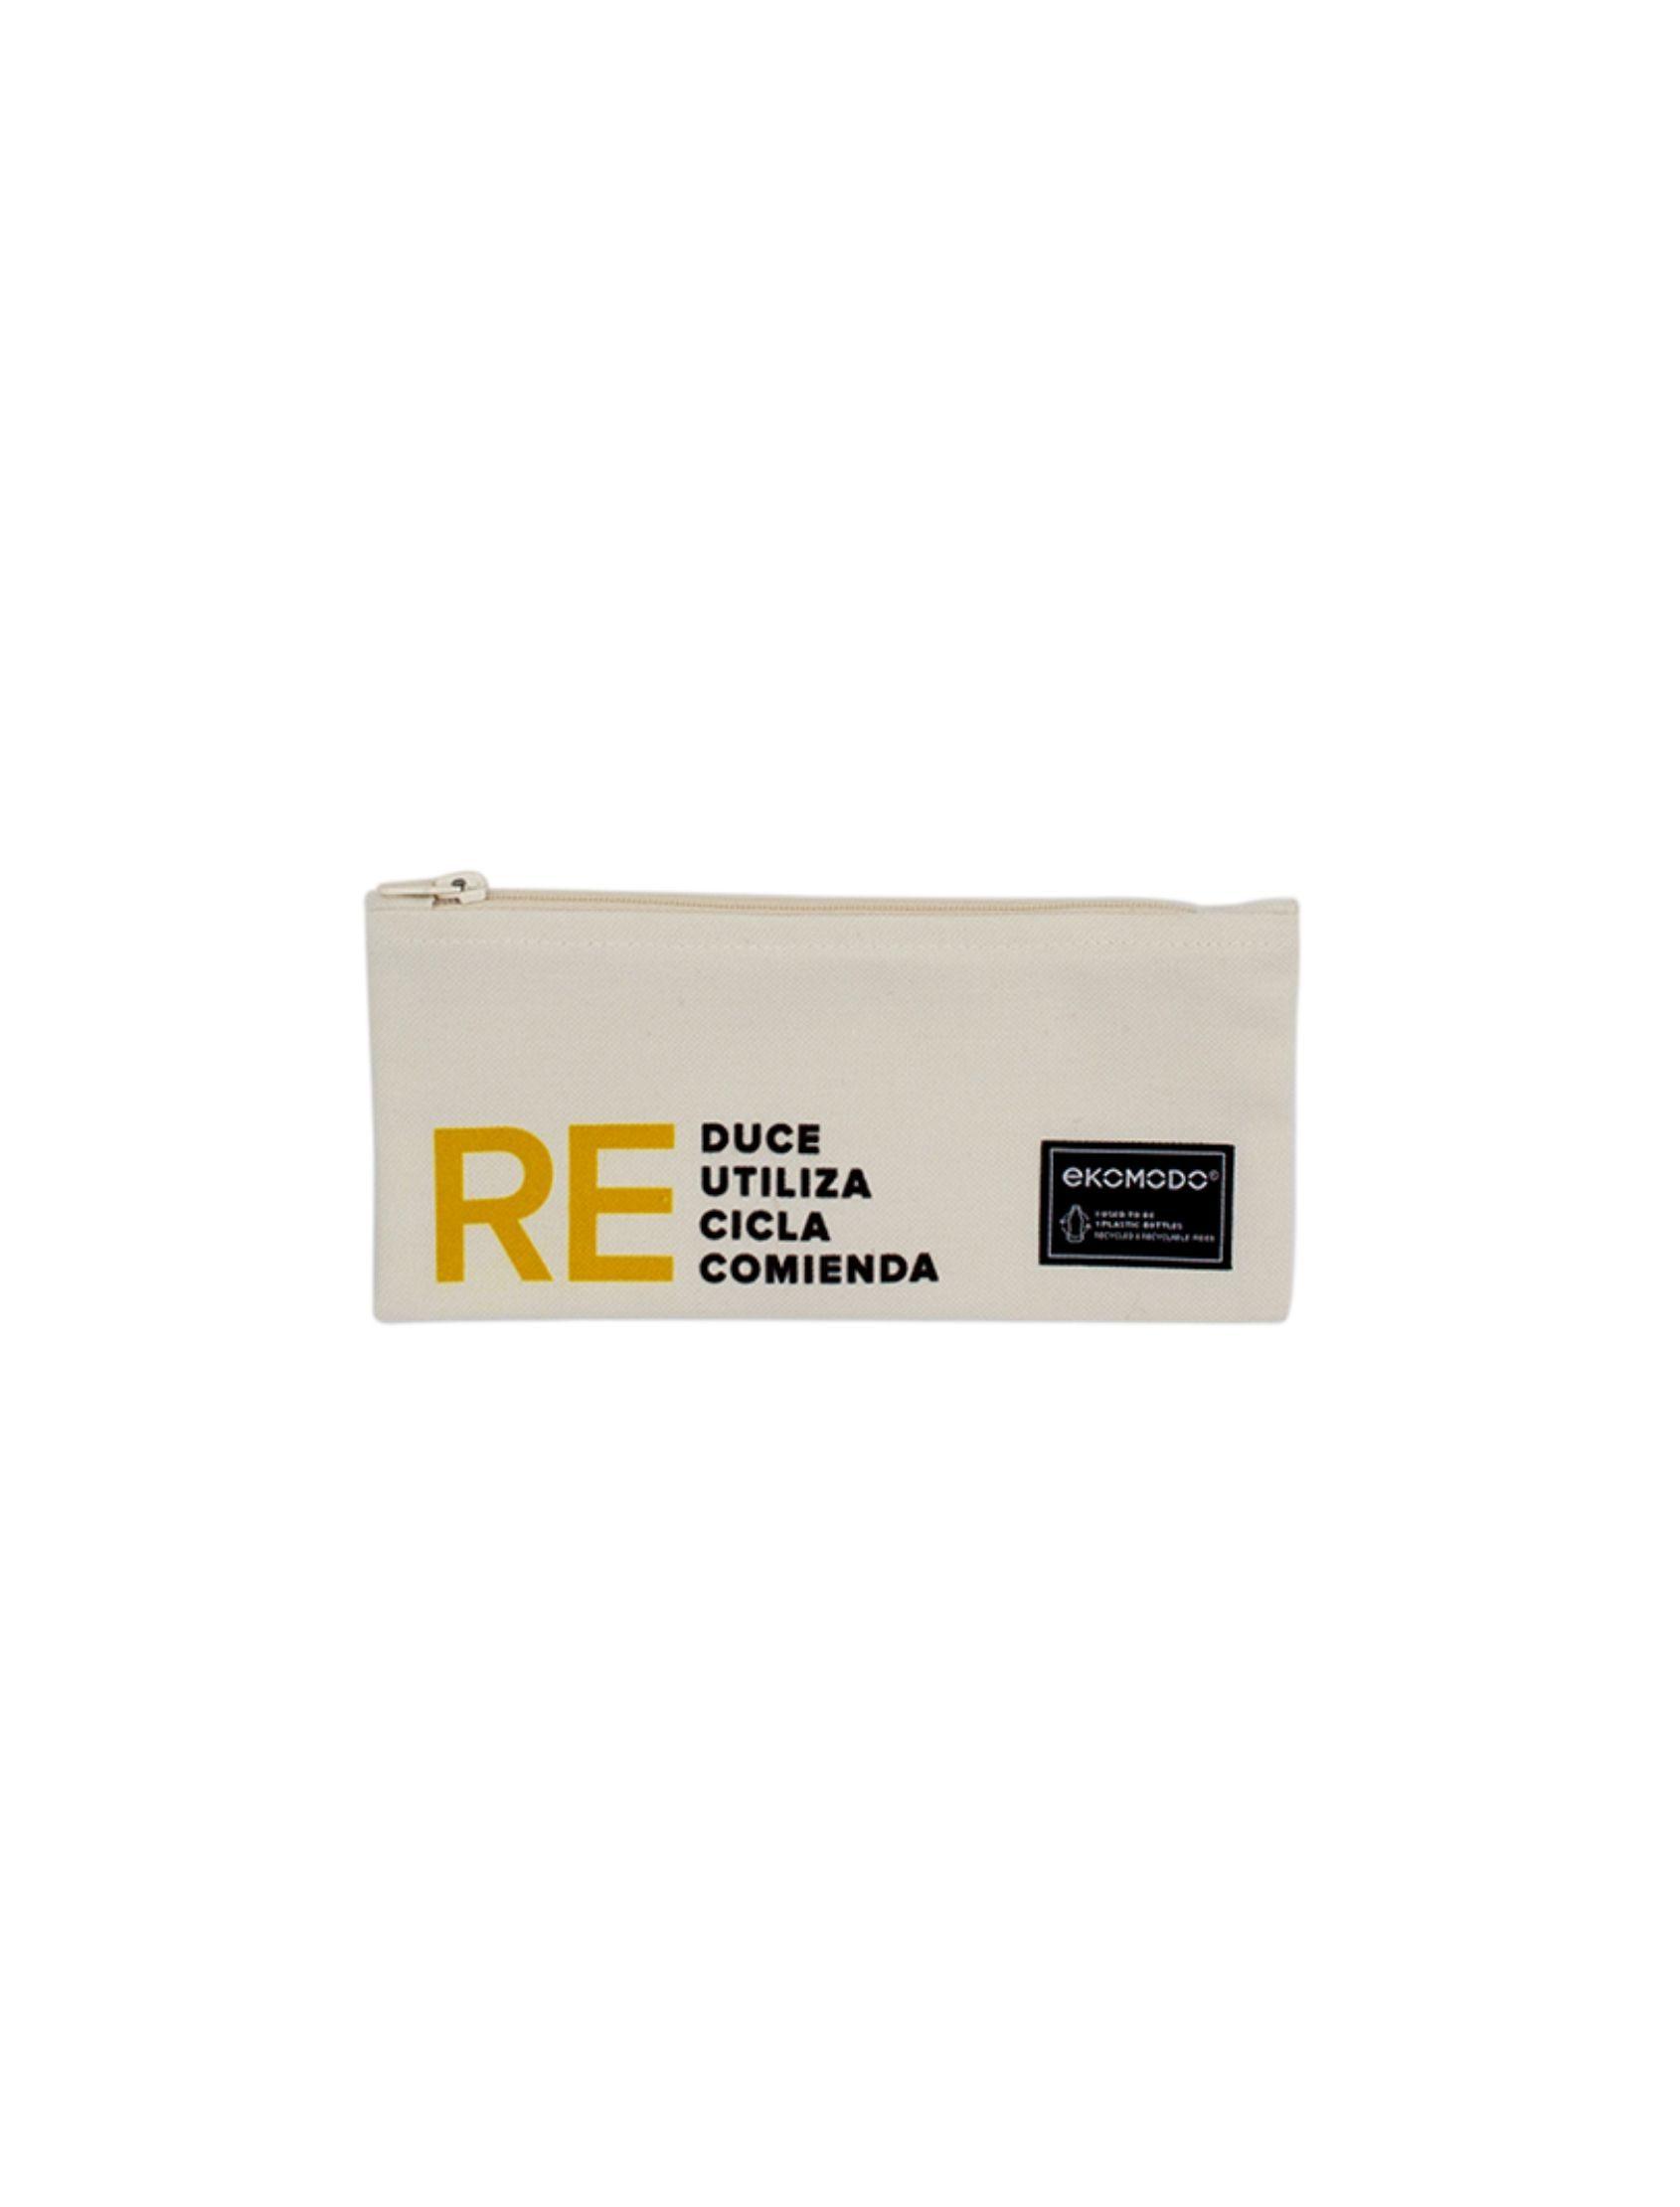 estuche margo re con materiales reciclados y mensaje reutiliza reduce recicla recomienda